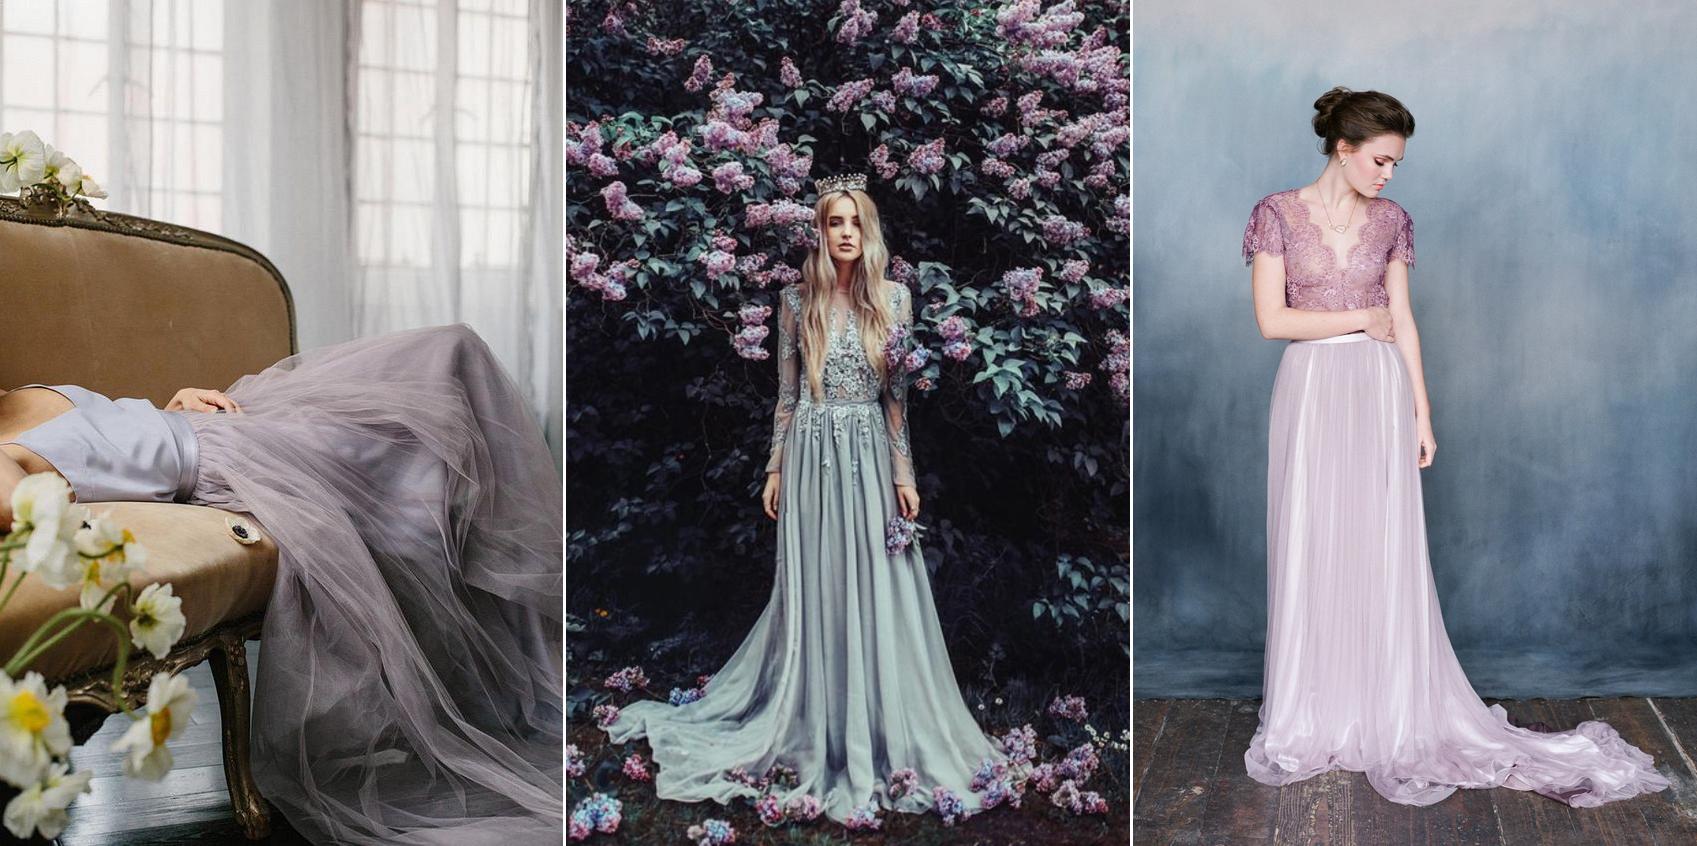 Vestidos: Alexandra Grecco y  Emmily Riggs Bridal .